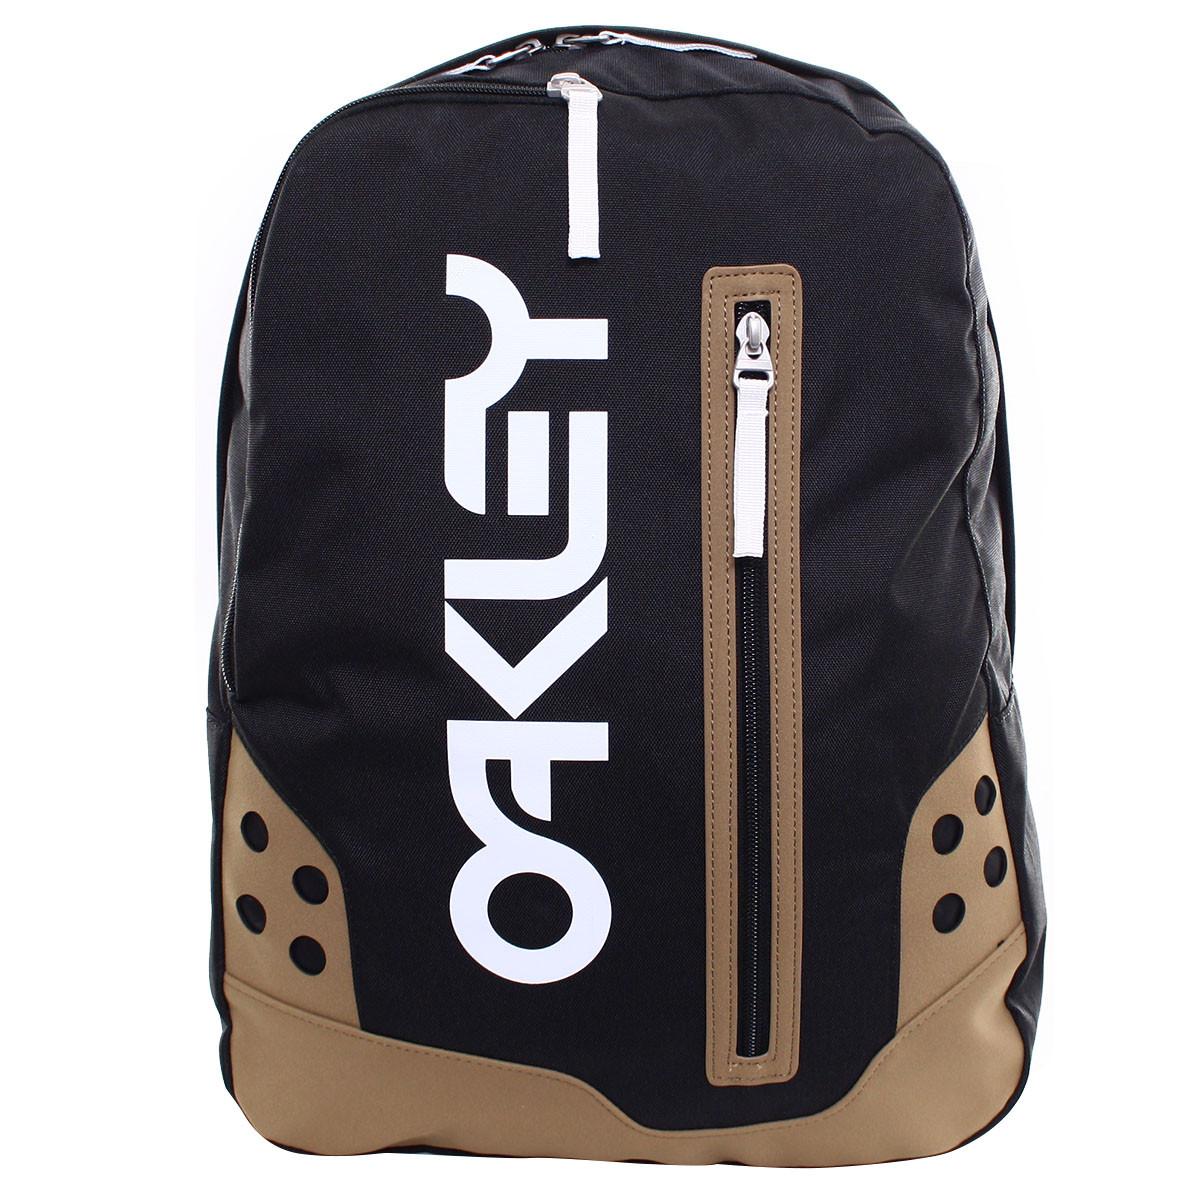 b1386772cc78c Promoção De Mochilas Oakley. Mochila Oakley B1B Pack PROMOÇÃO ref  92566-022. Mochila Oakley Works Pack 30L Preta ref 92617-001 PROMOÇAO